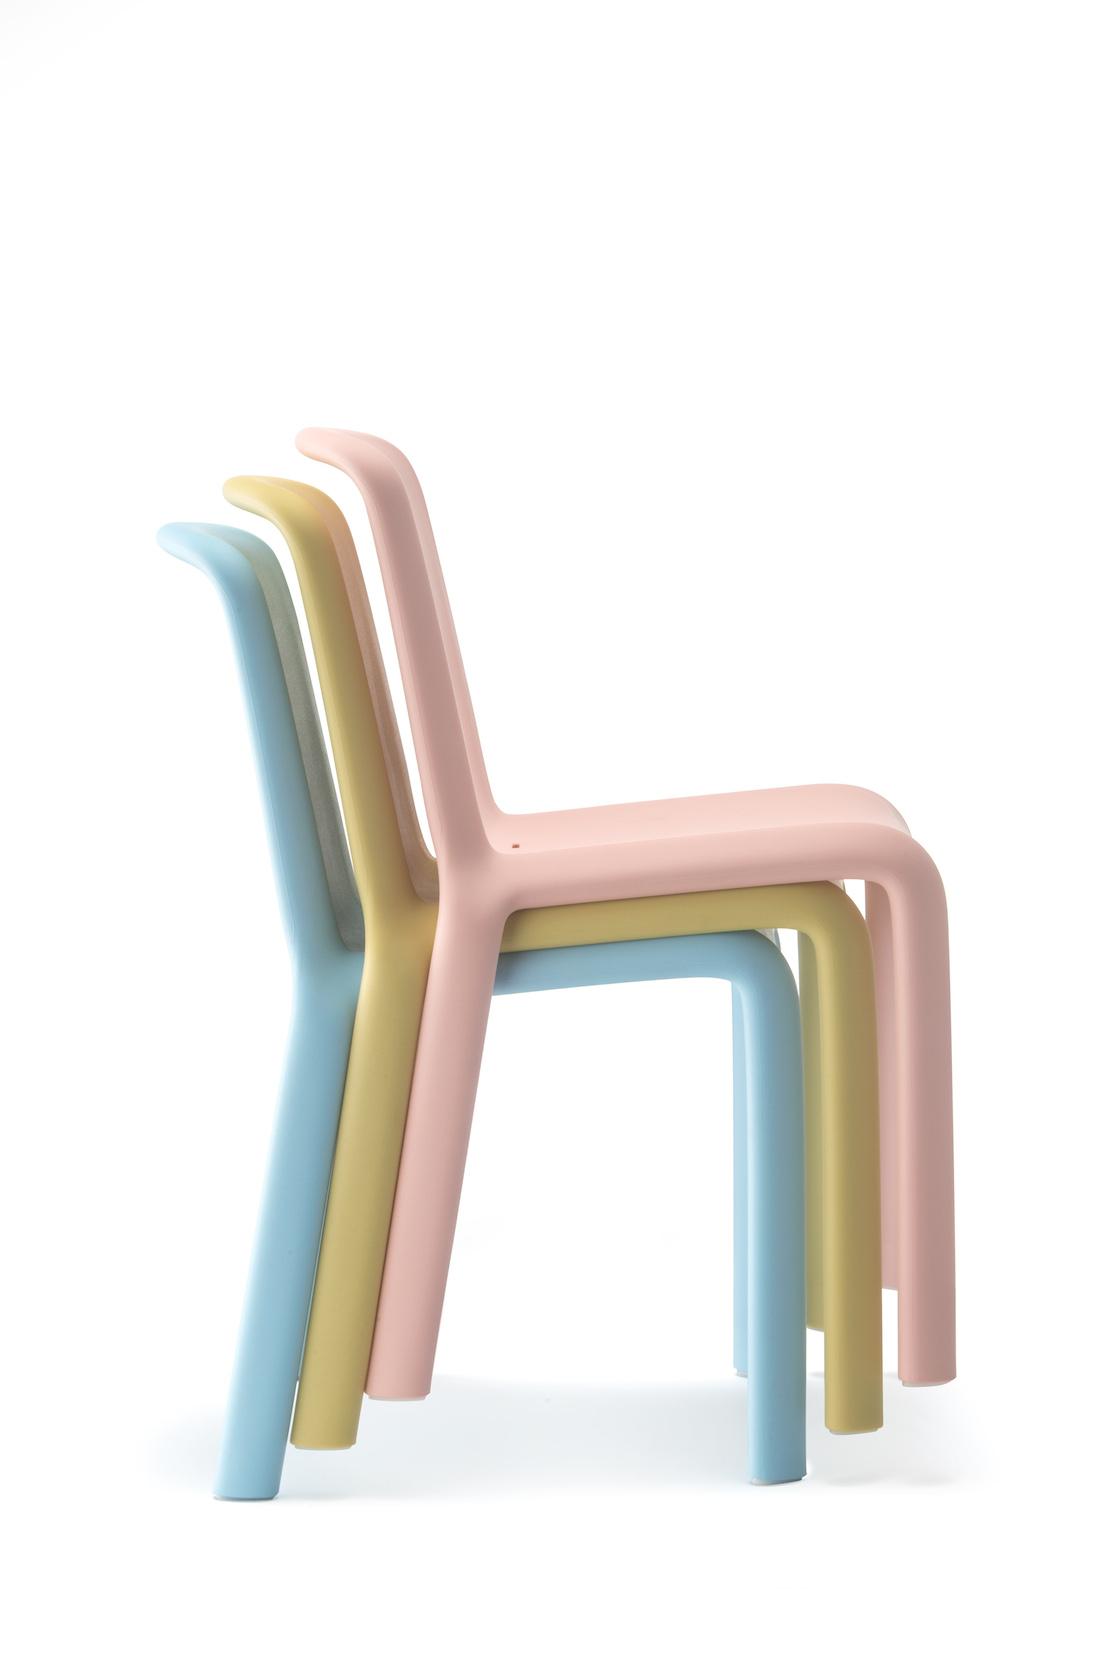 Snow Junior, design di Odoardo Fioravanti per Pedrali.